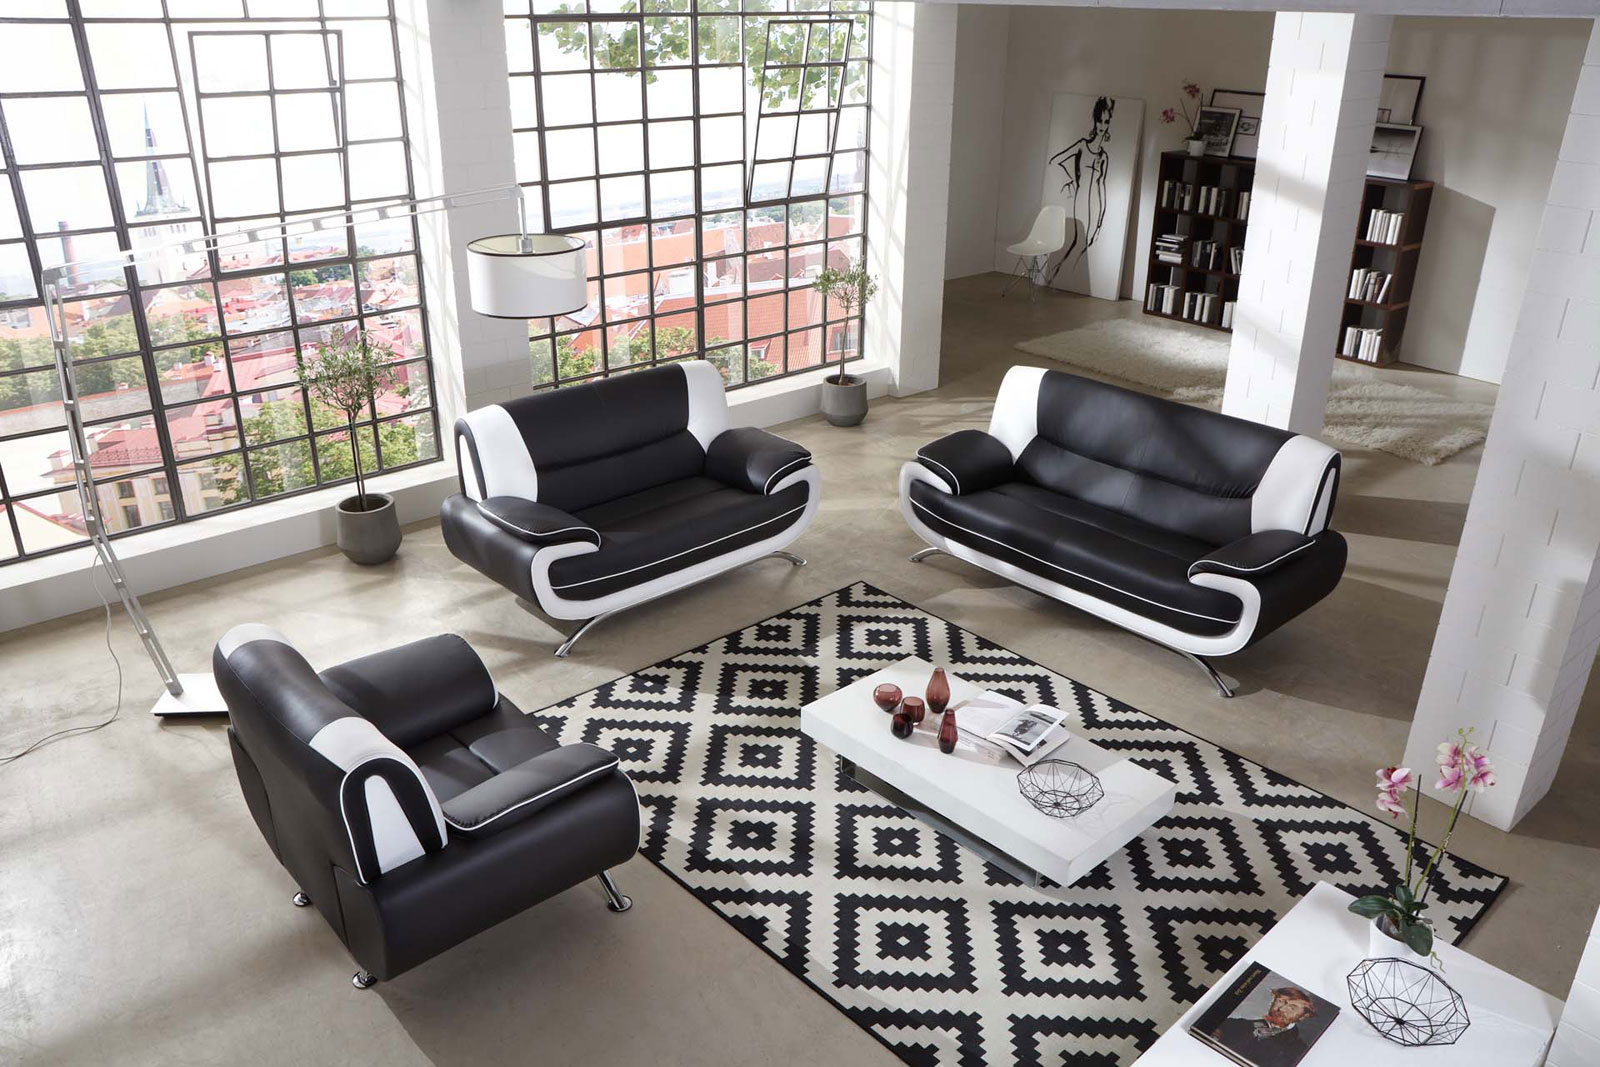 SAM® Sofa Garnitur 3tlg. in schwarz / weiß Passero 3-2-1 Demnächst !